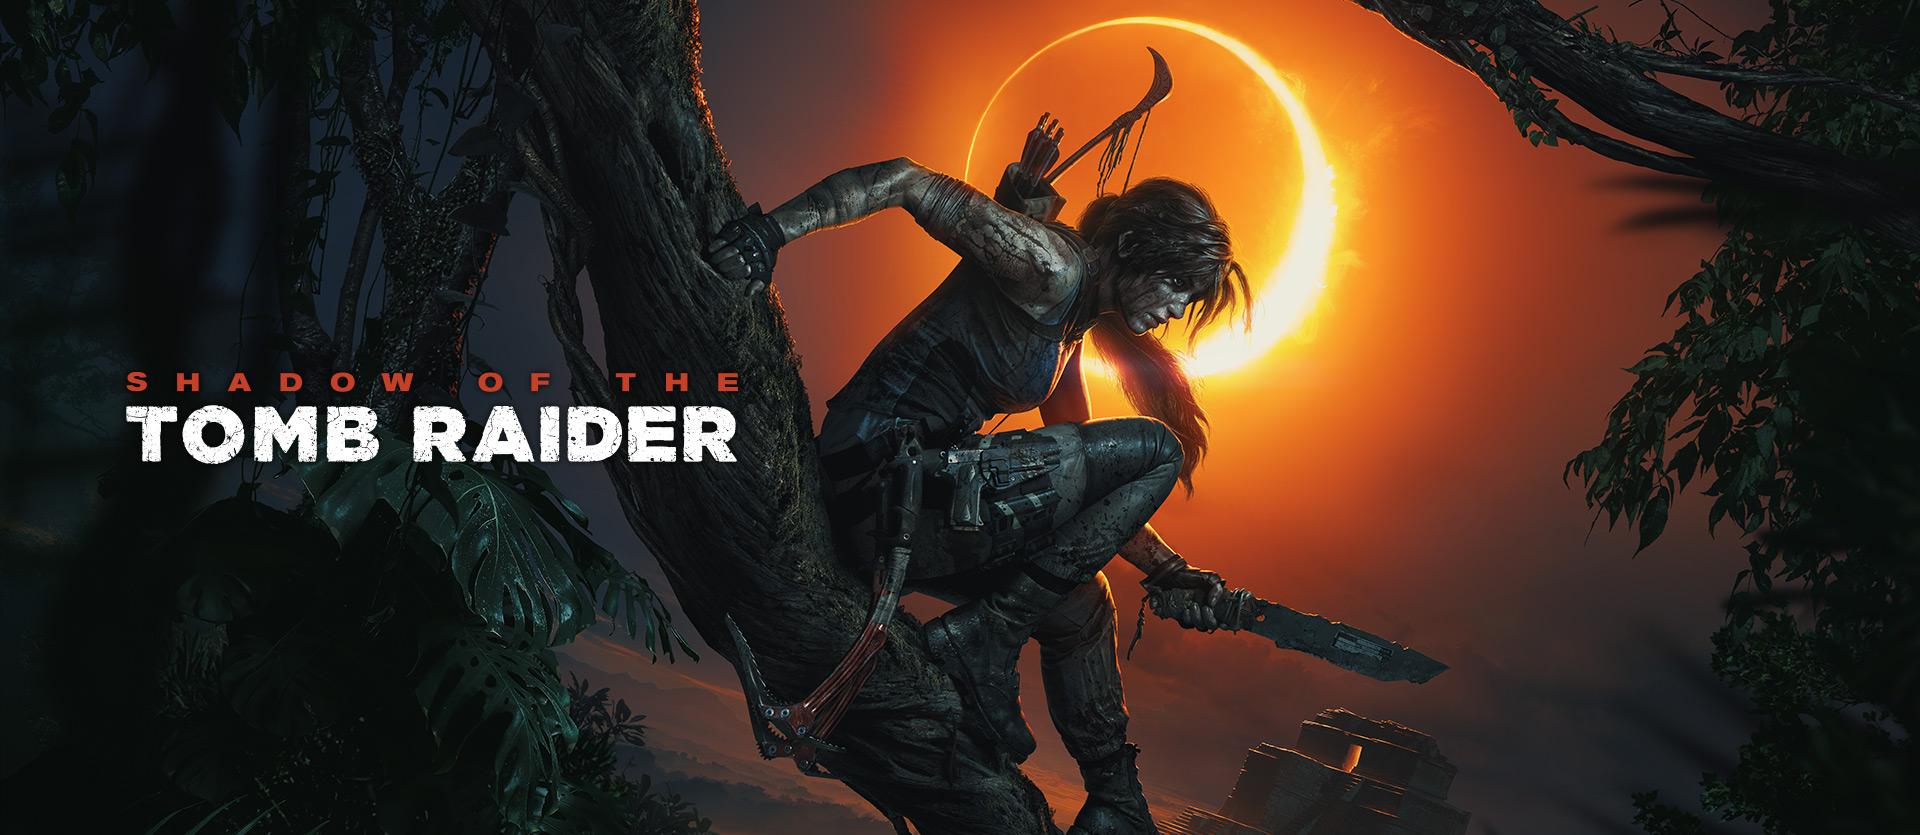 Xbox Game Pass: Listado os games que deixarão o serviço em Fevereiro!